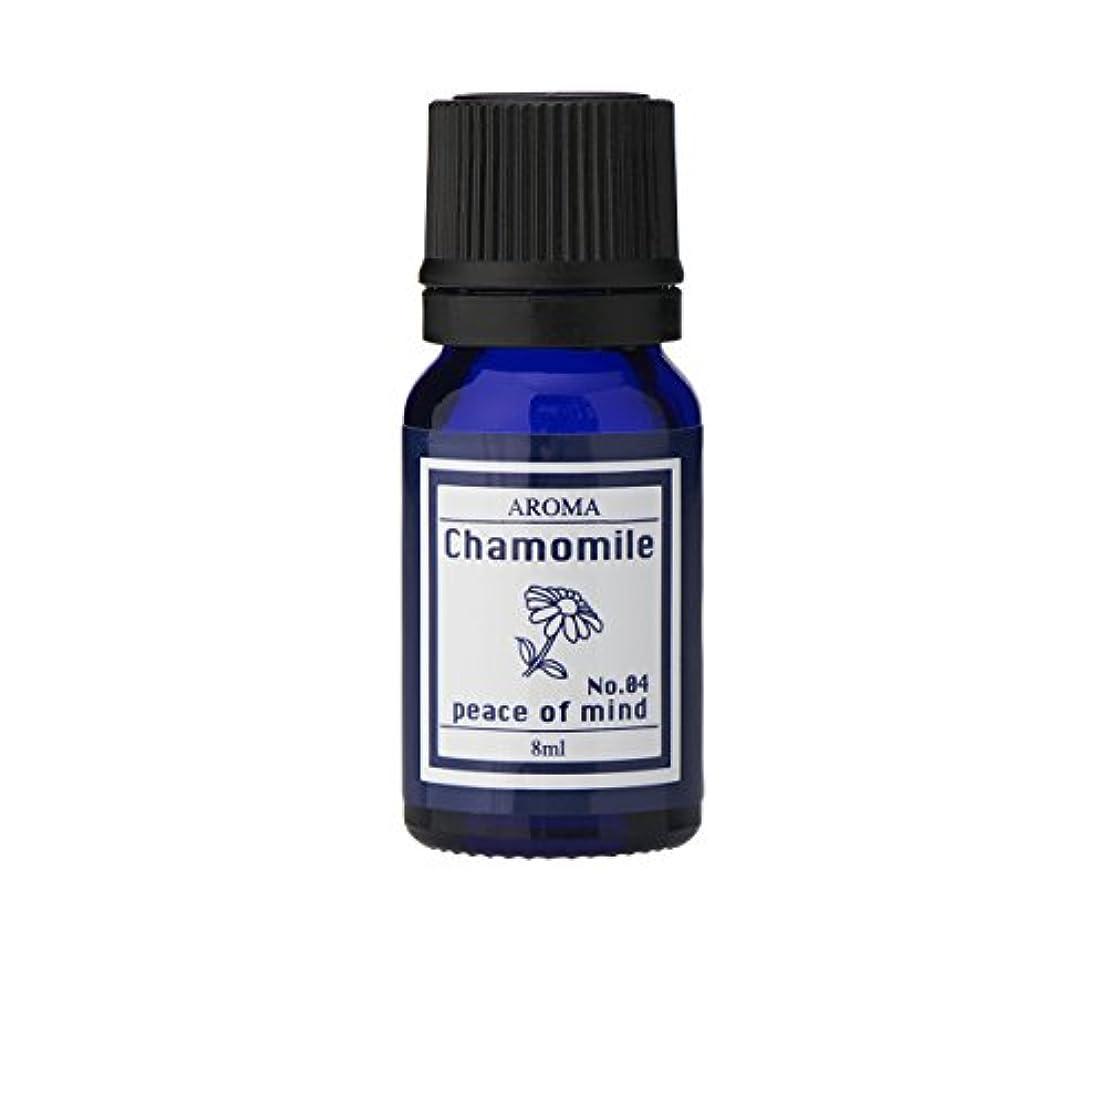 トラブルリフト少なくともブルーラベル アロマエッセンス8ml カモマイル(アロマオイル 調合香料 芳香用)